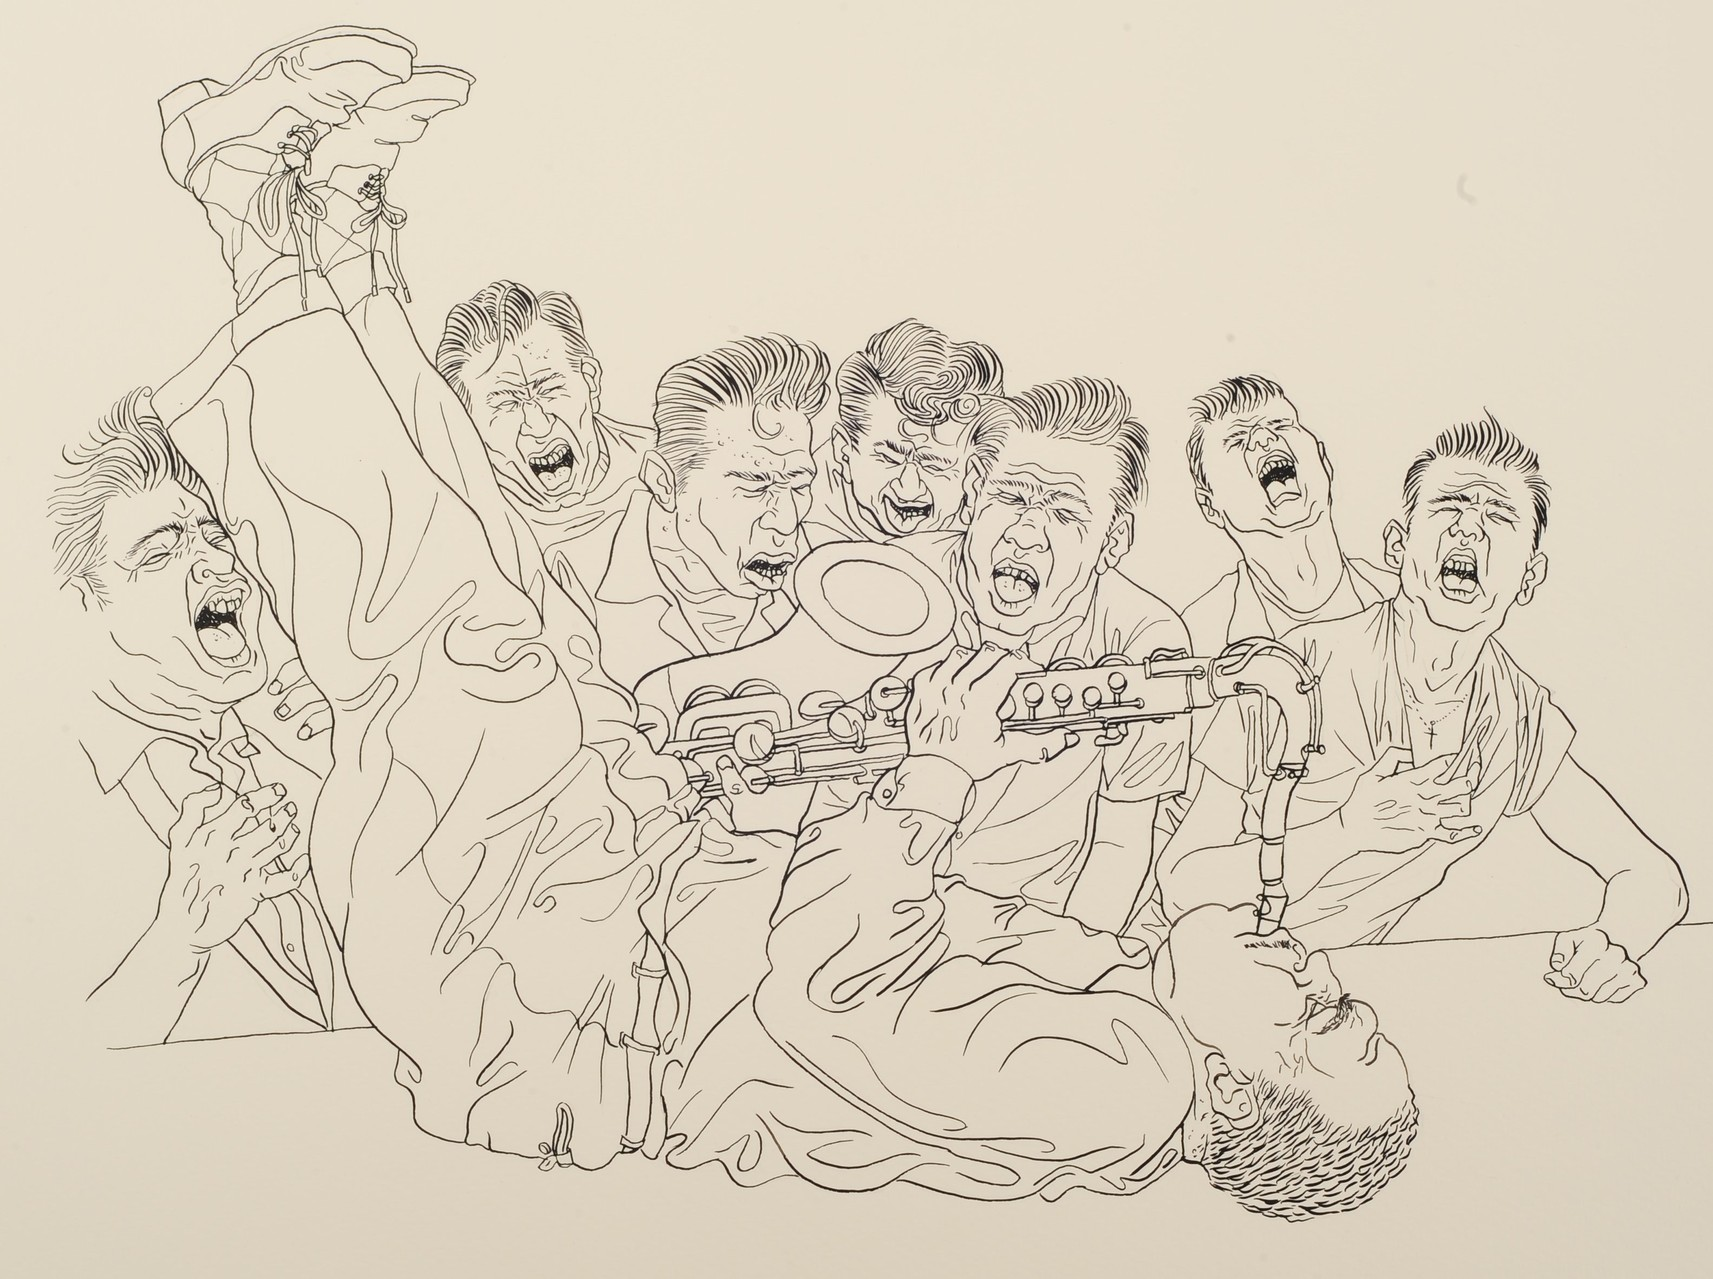 Zeichnung 137 Saxophon Schreier, Tusche auf Karton, 2009, 36 x 48 cm